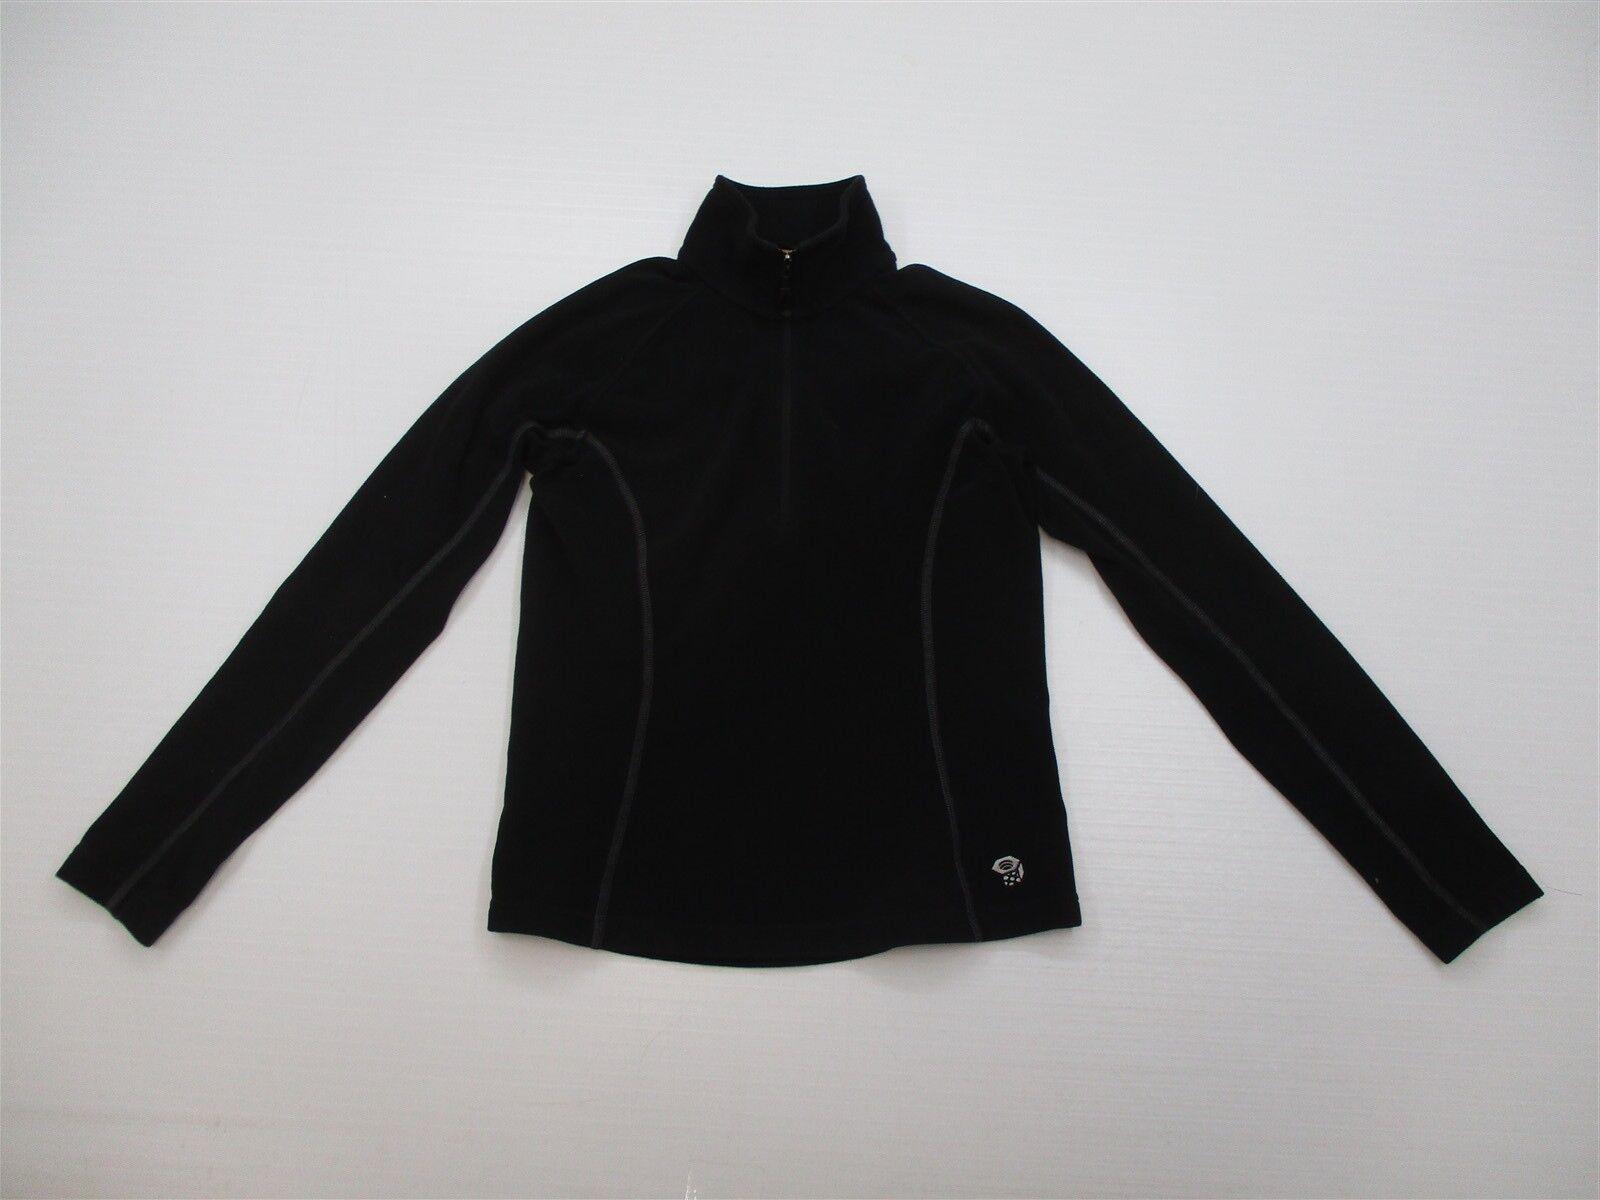 MOUNTAIN HARDWEAR Jacket Women's Size S Trail Black Microfleece Pullover